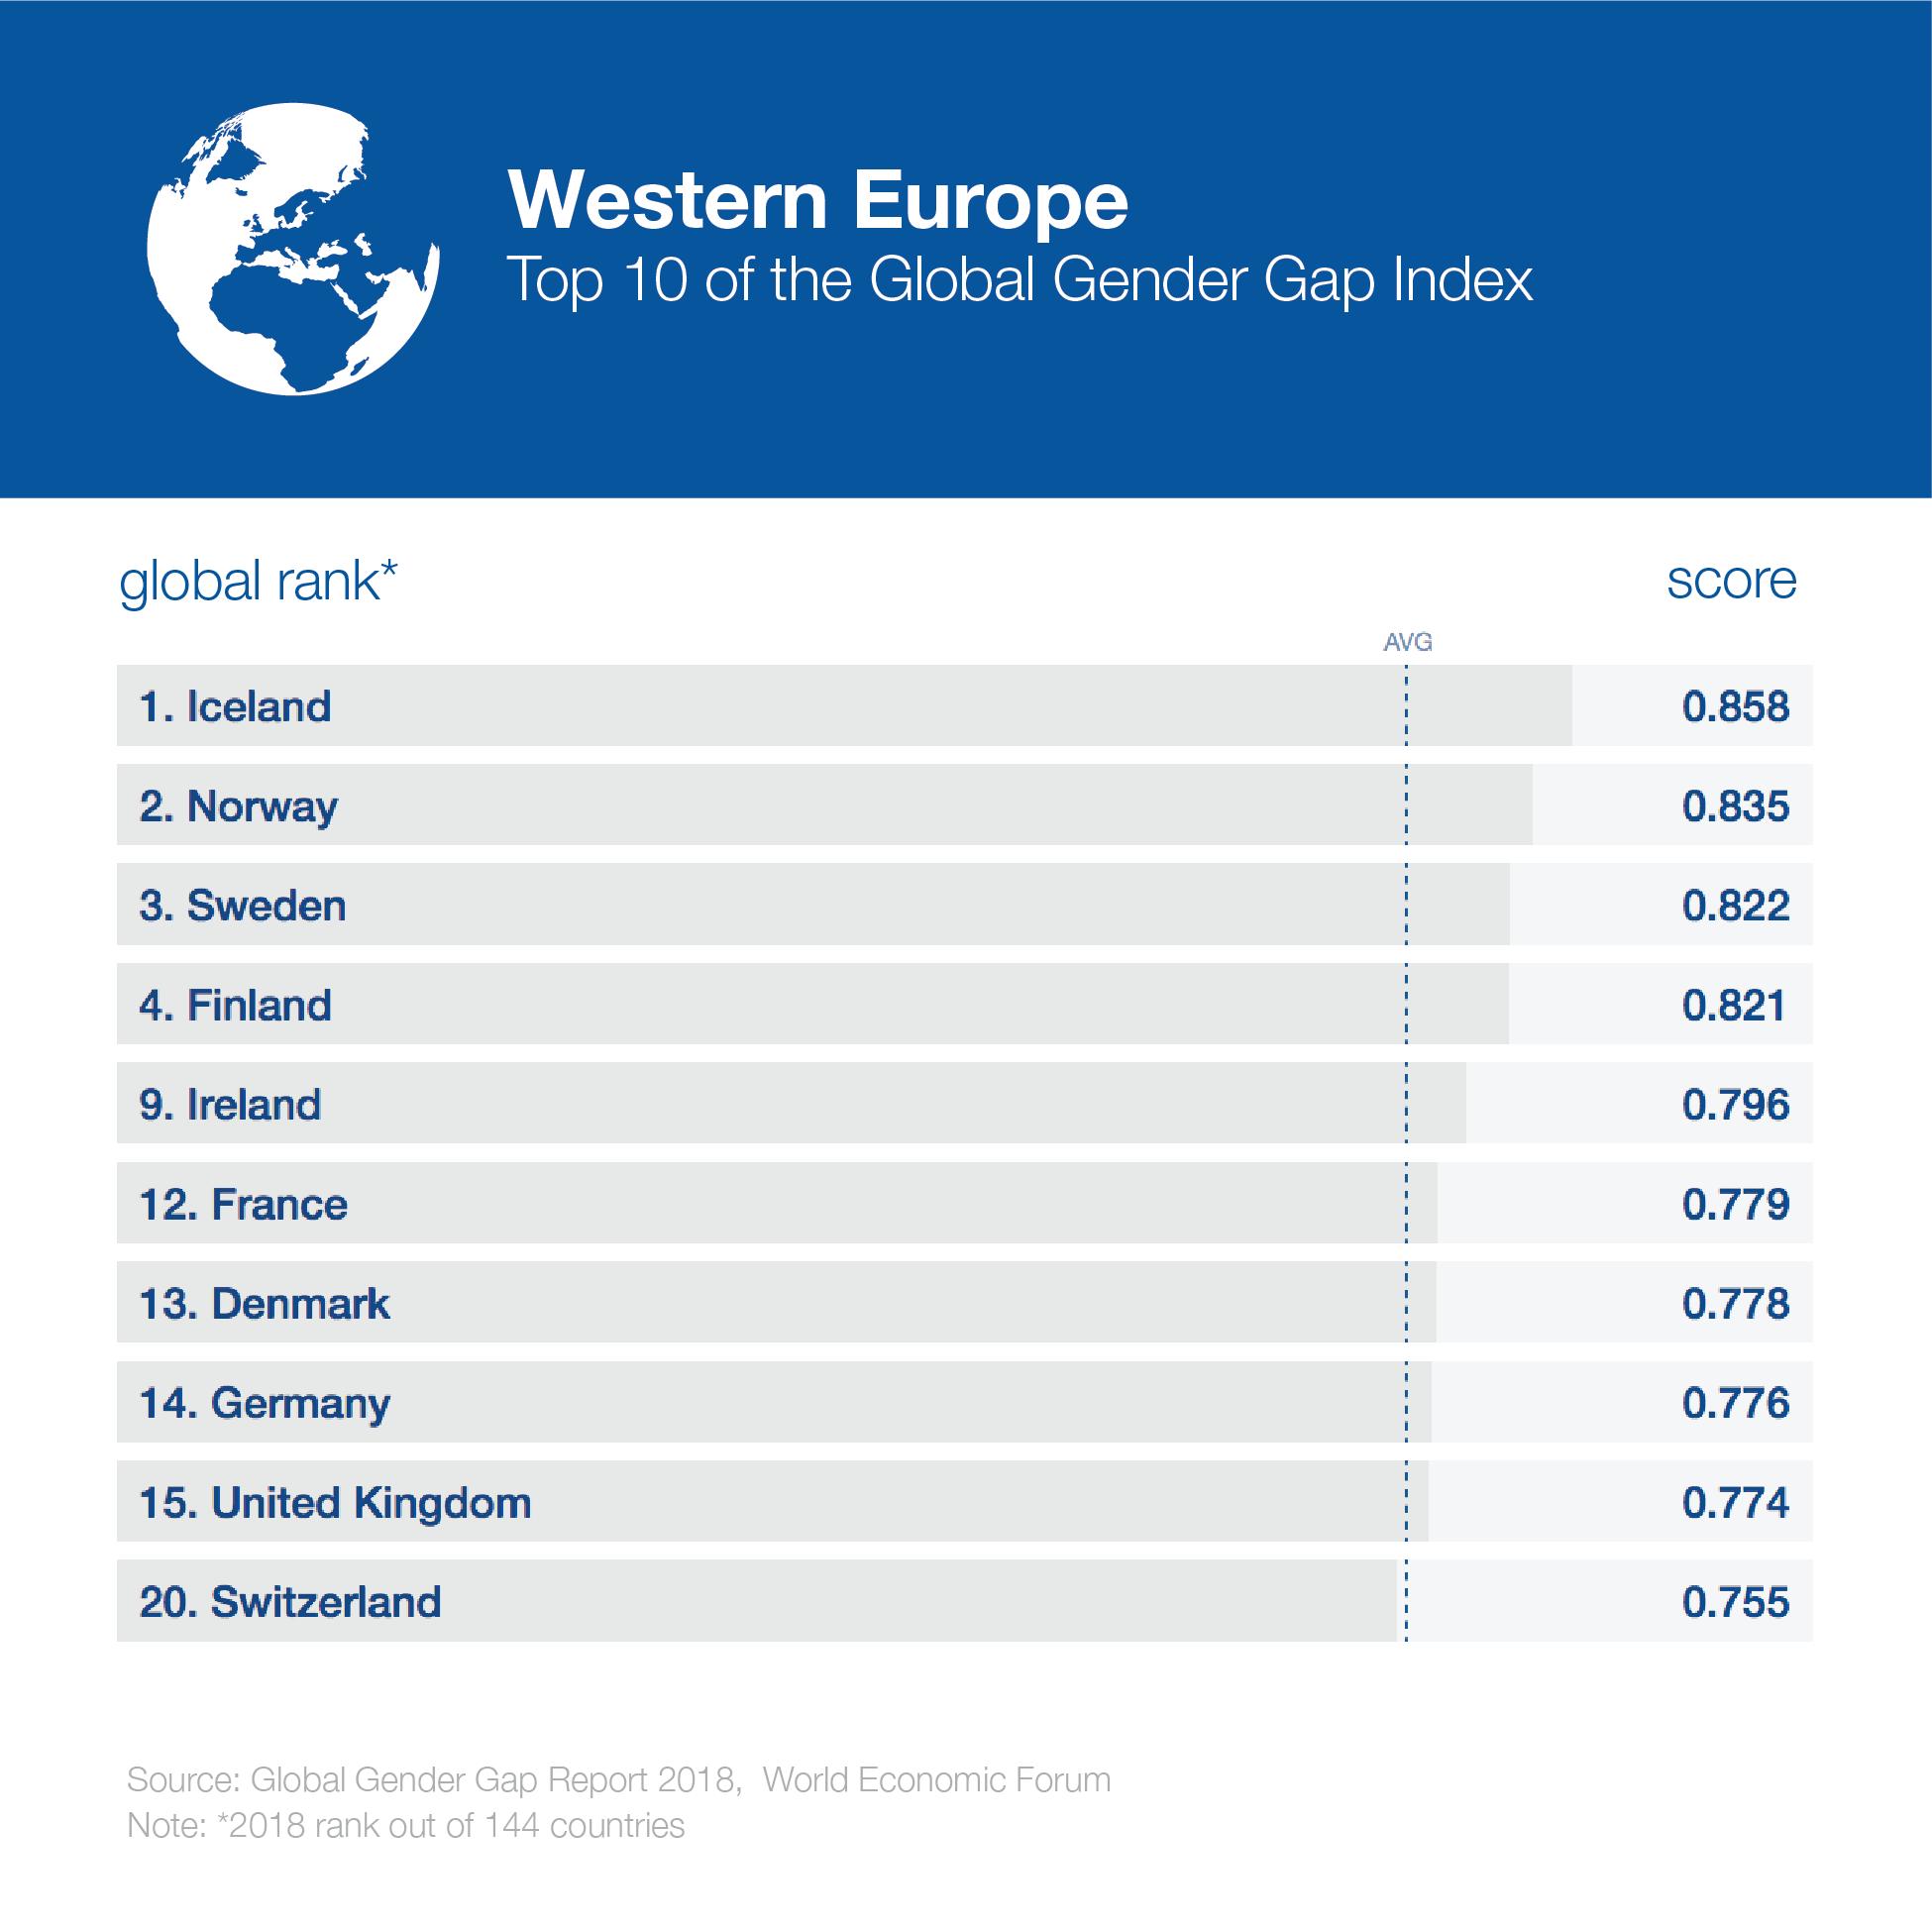 GenderGap_2018_2018_globaltop10_westerneurope-1.png